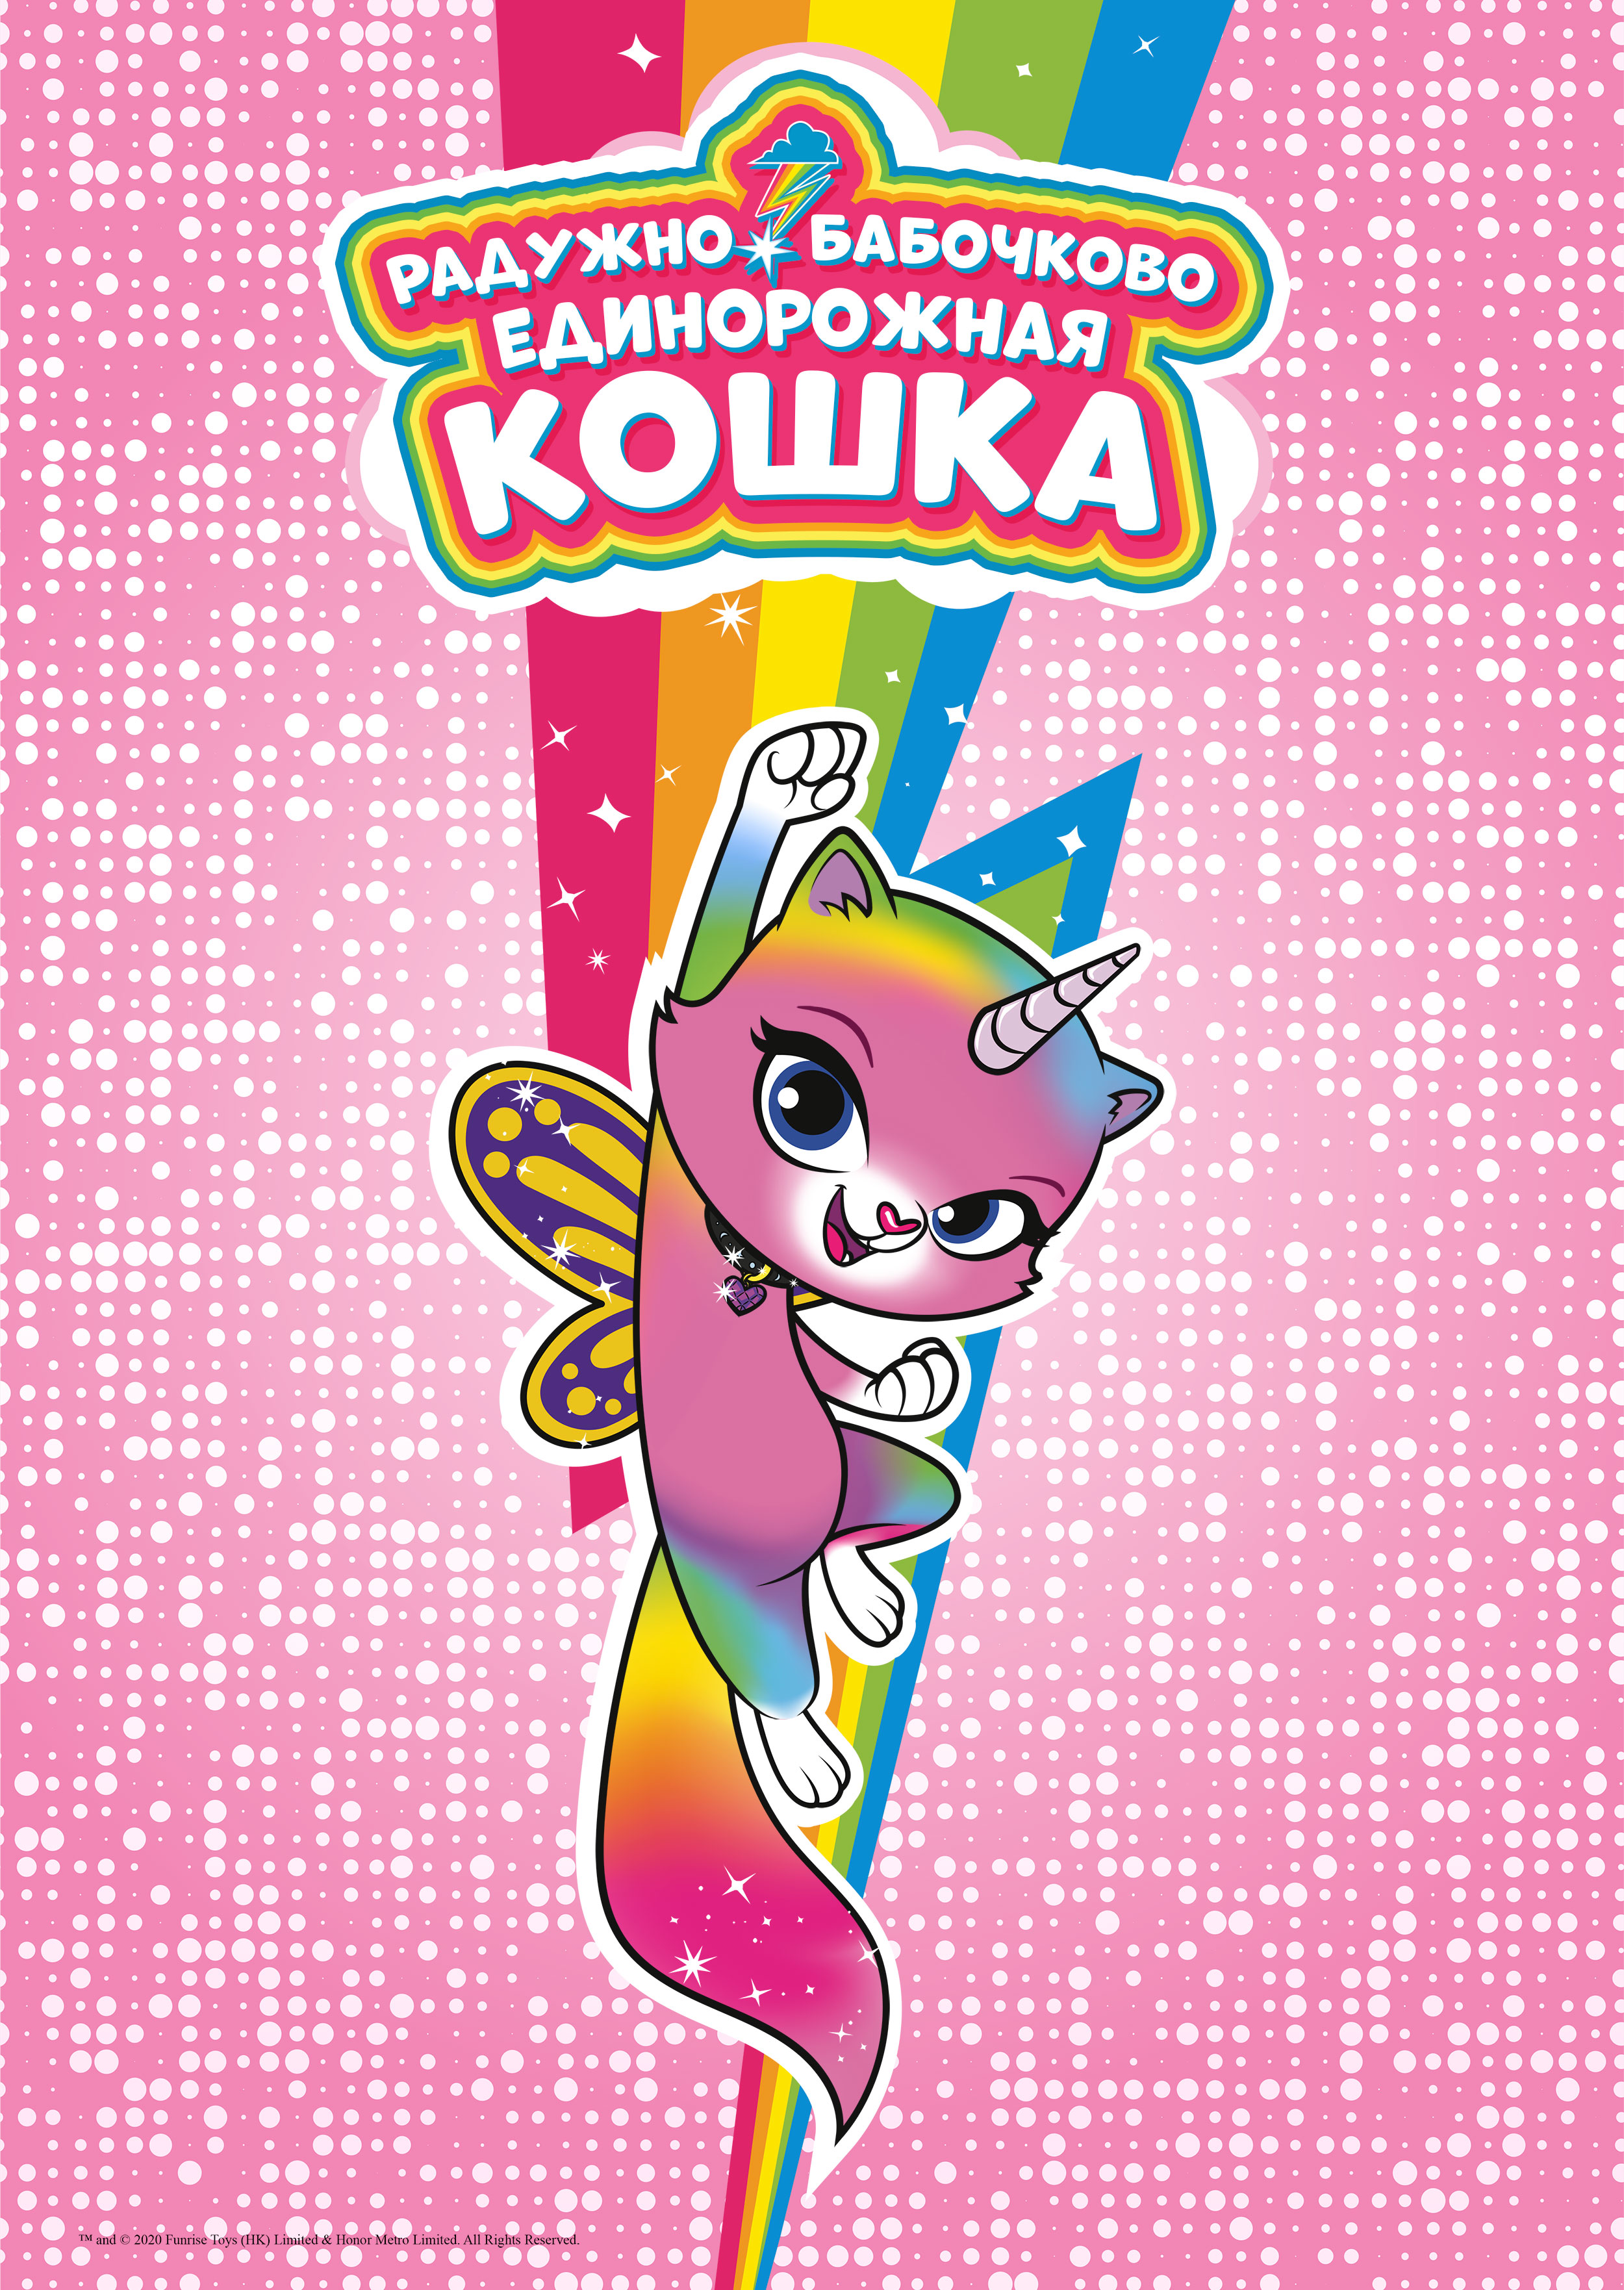 Радужно-бабочково-единорожная кошка